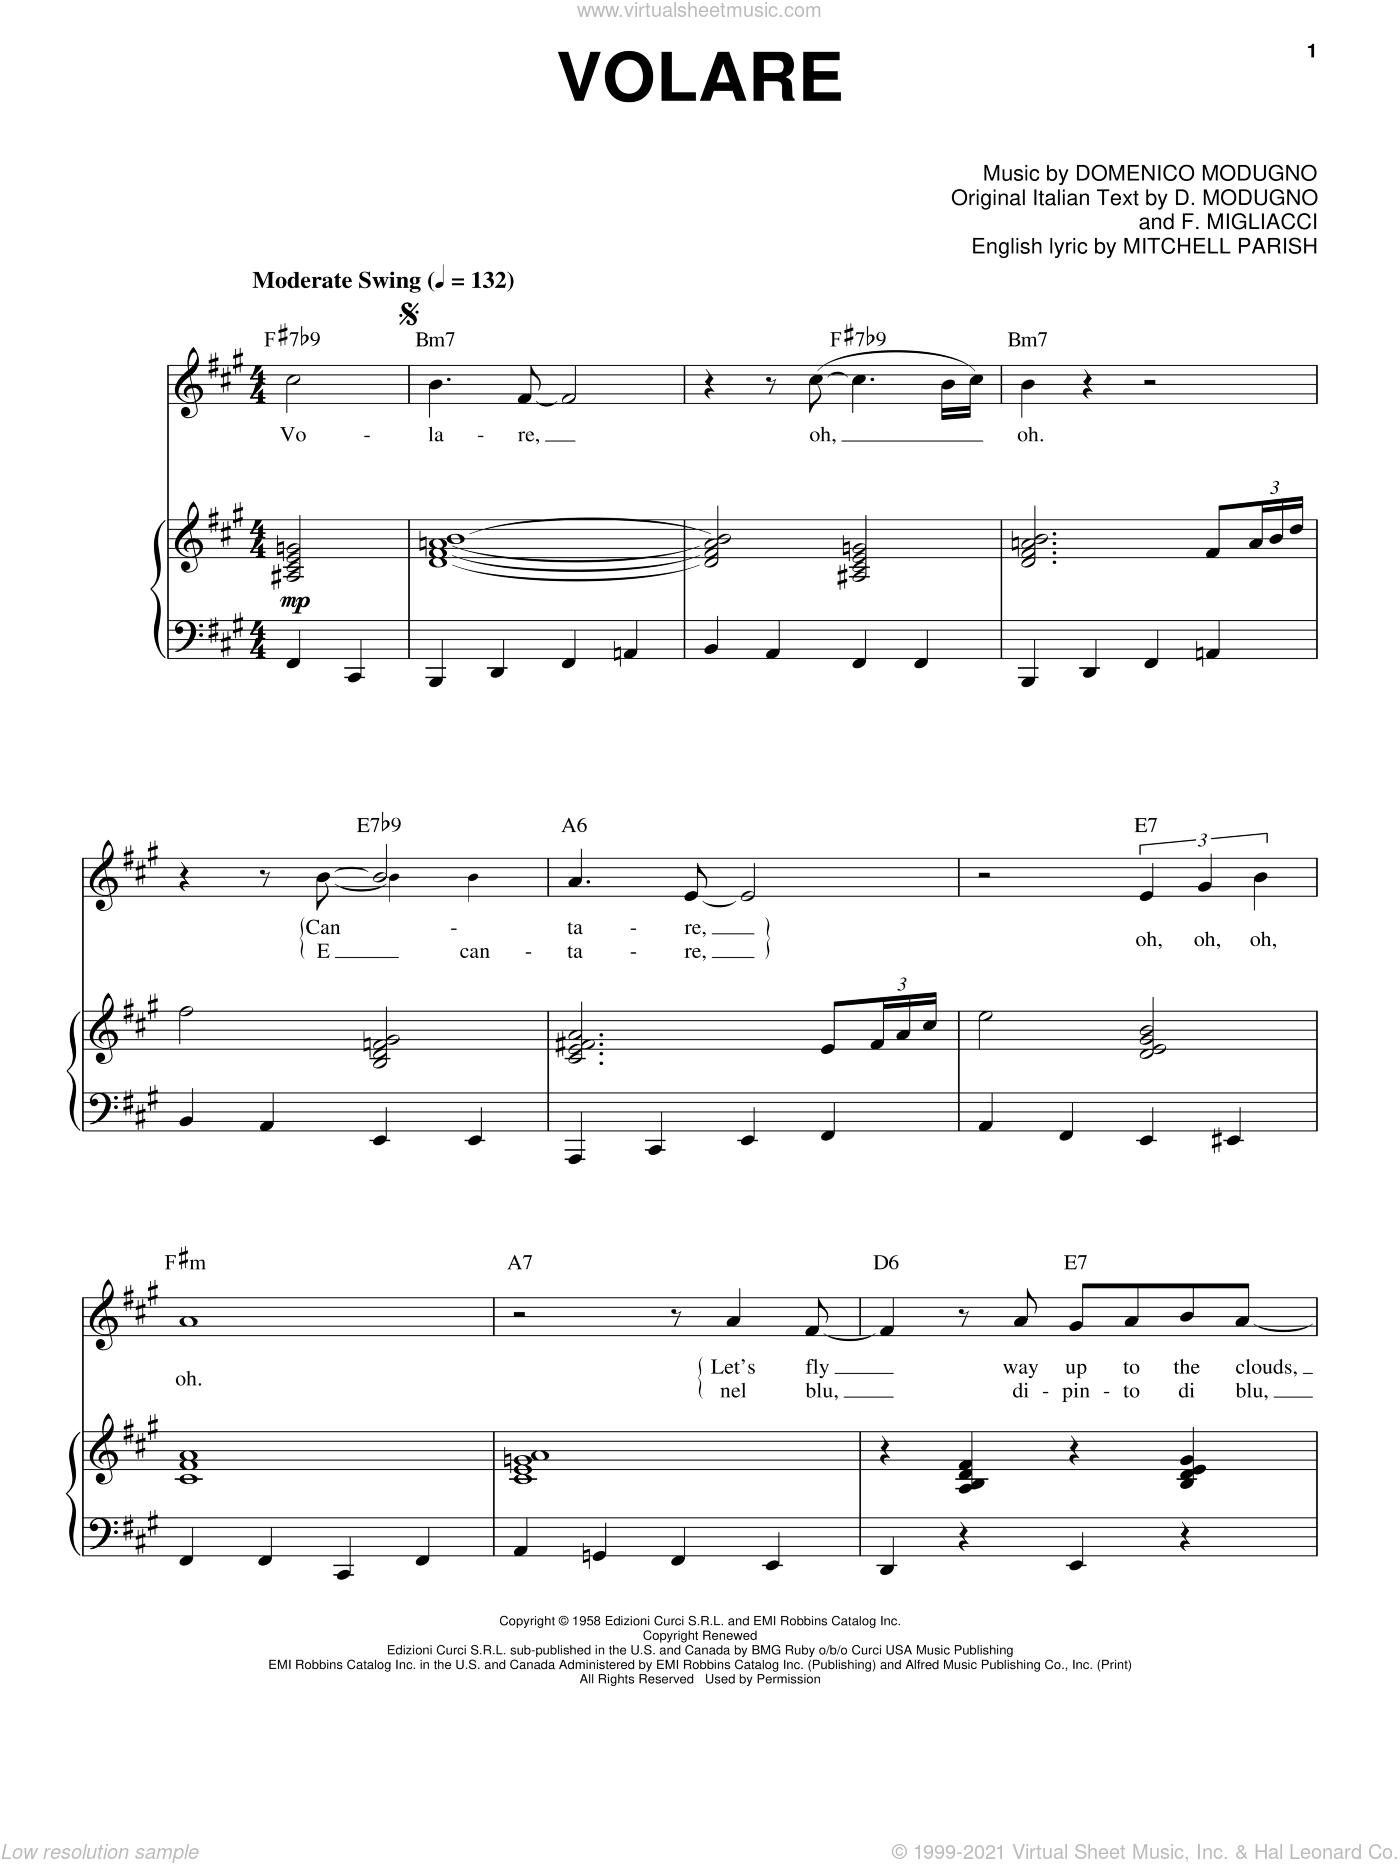 Volare (Nel Blu, Dipinto Di Blu) sheet music for voice and piano by Dean Martin, Frank Sinatra, Sammy Davis, Jr., Bobby Rydell, D. Modugno, Domenico Modugno, Franco Migliacci and Mitchell Parish, intermediate skill level